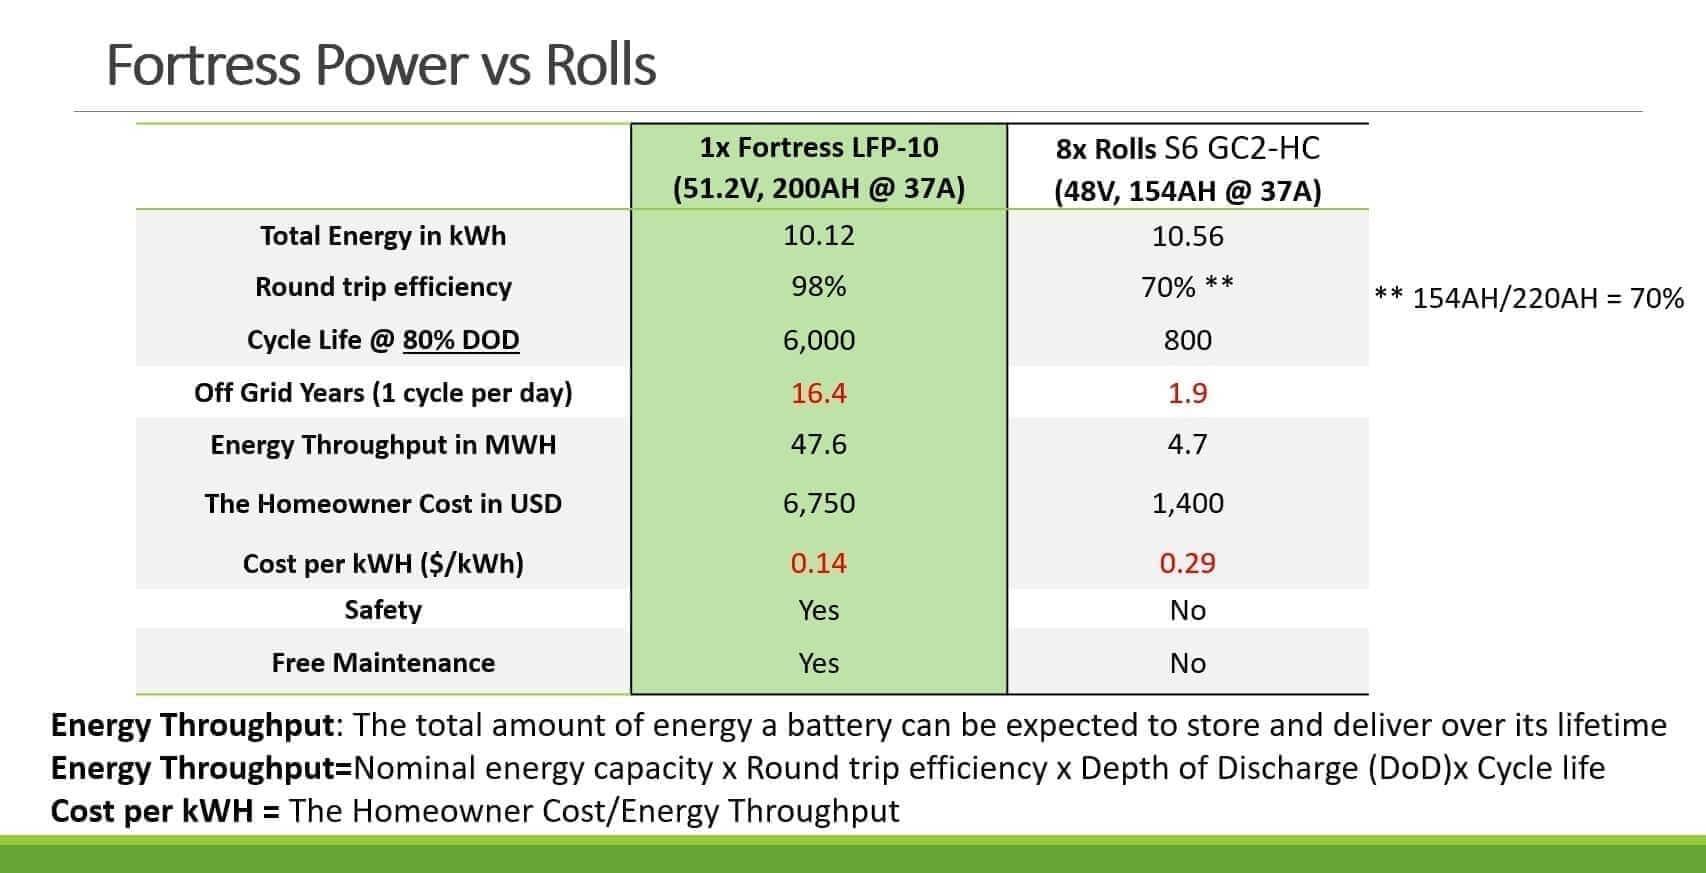 rolls vs fortress